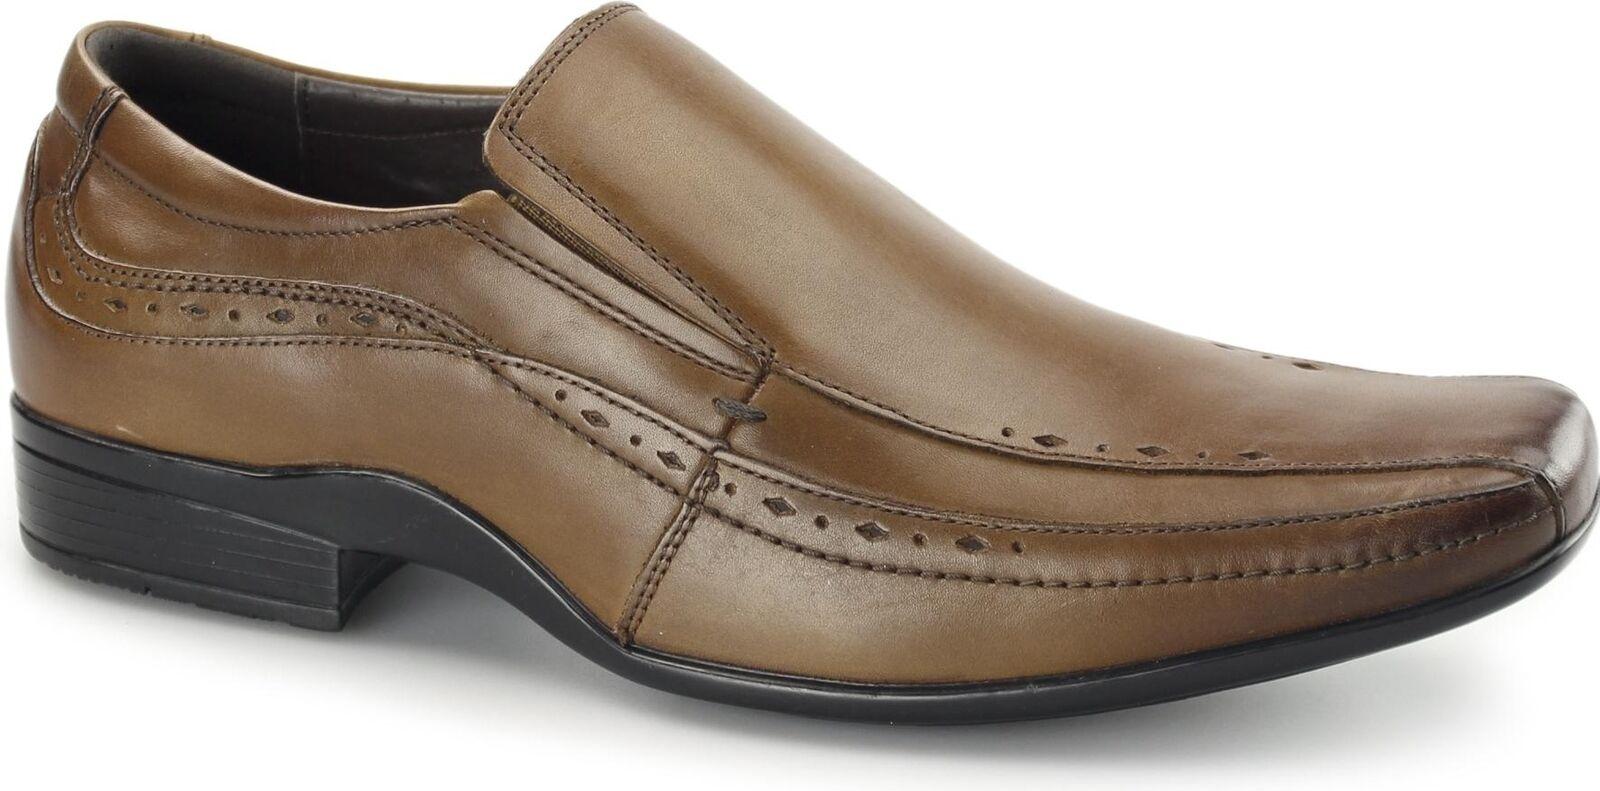 Frente Para Hombre de Cuero Inteligente Casual Oficina Zapatos Sealey Resbalón en Zapatos Oficina de comodidad amortiguada 0880c6